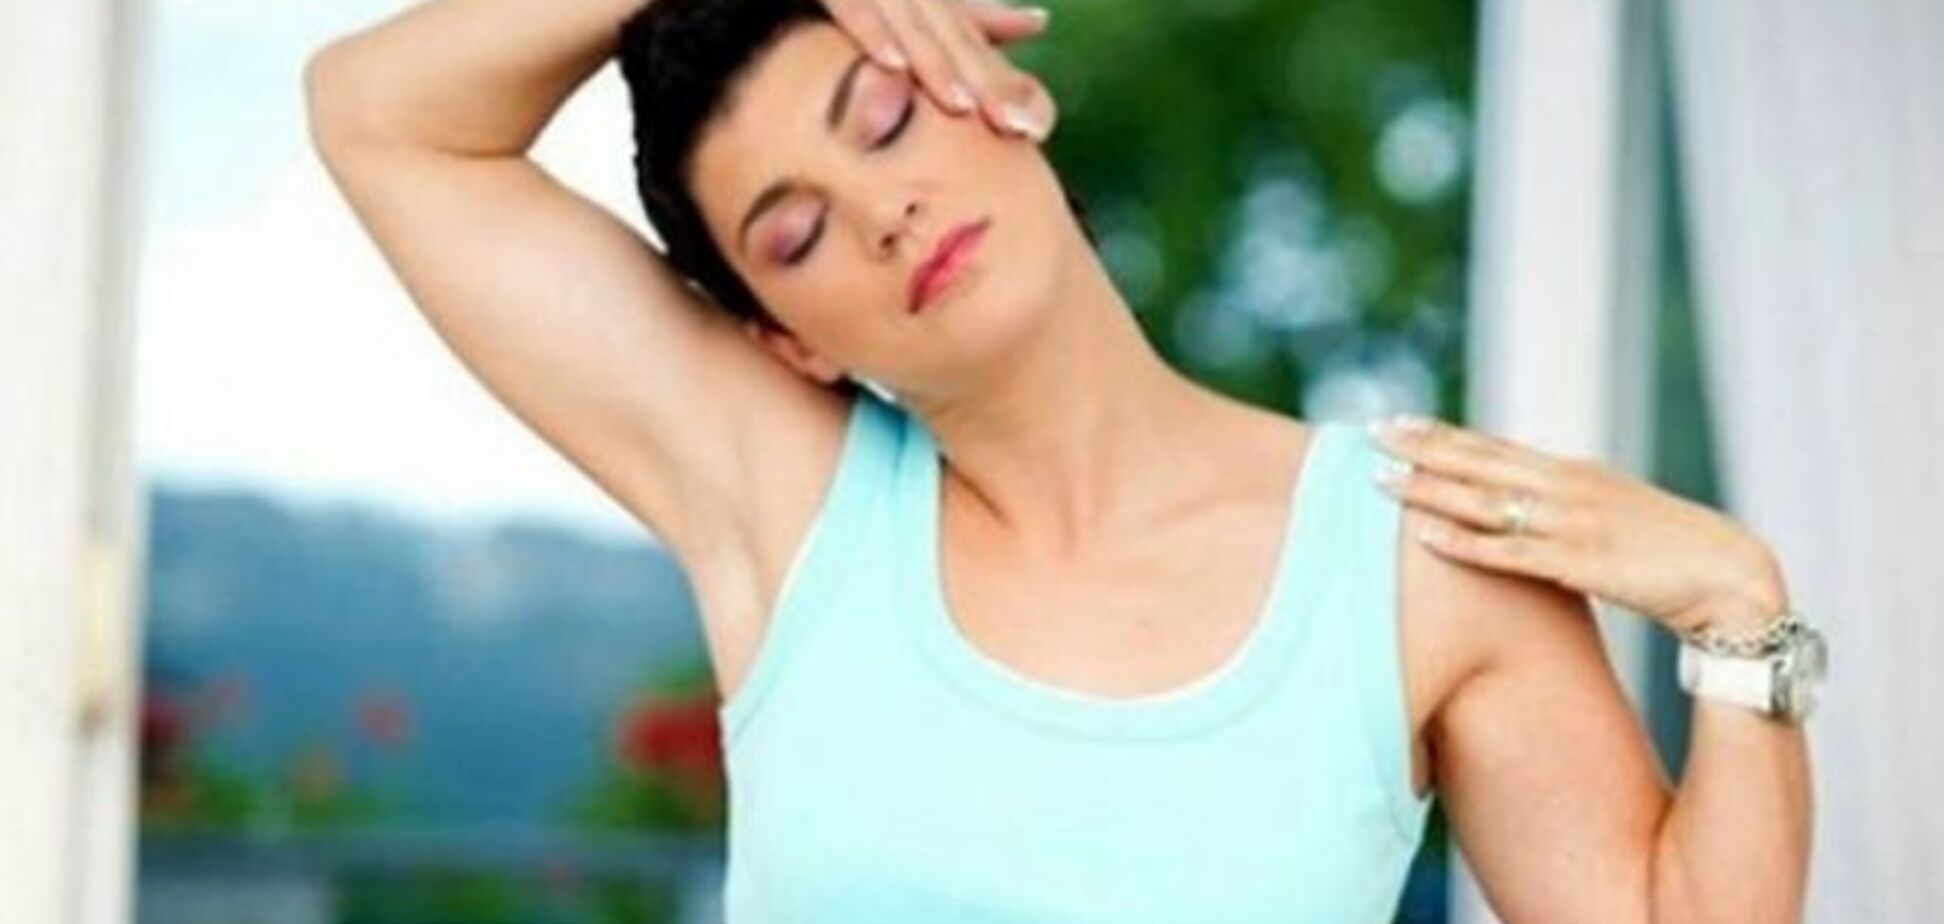 Лучшие упражнения китайской медицины для шейных позвонков